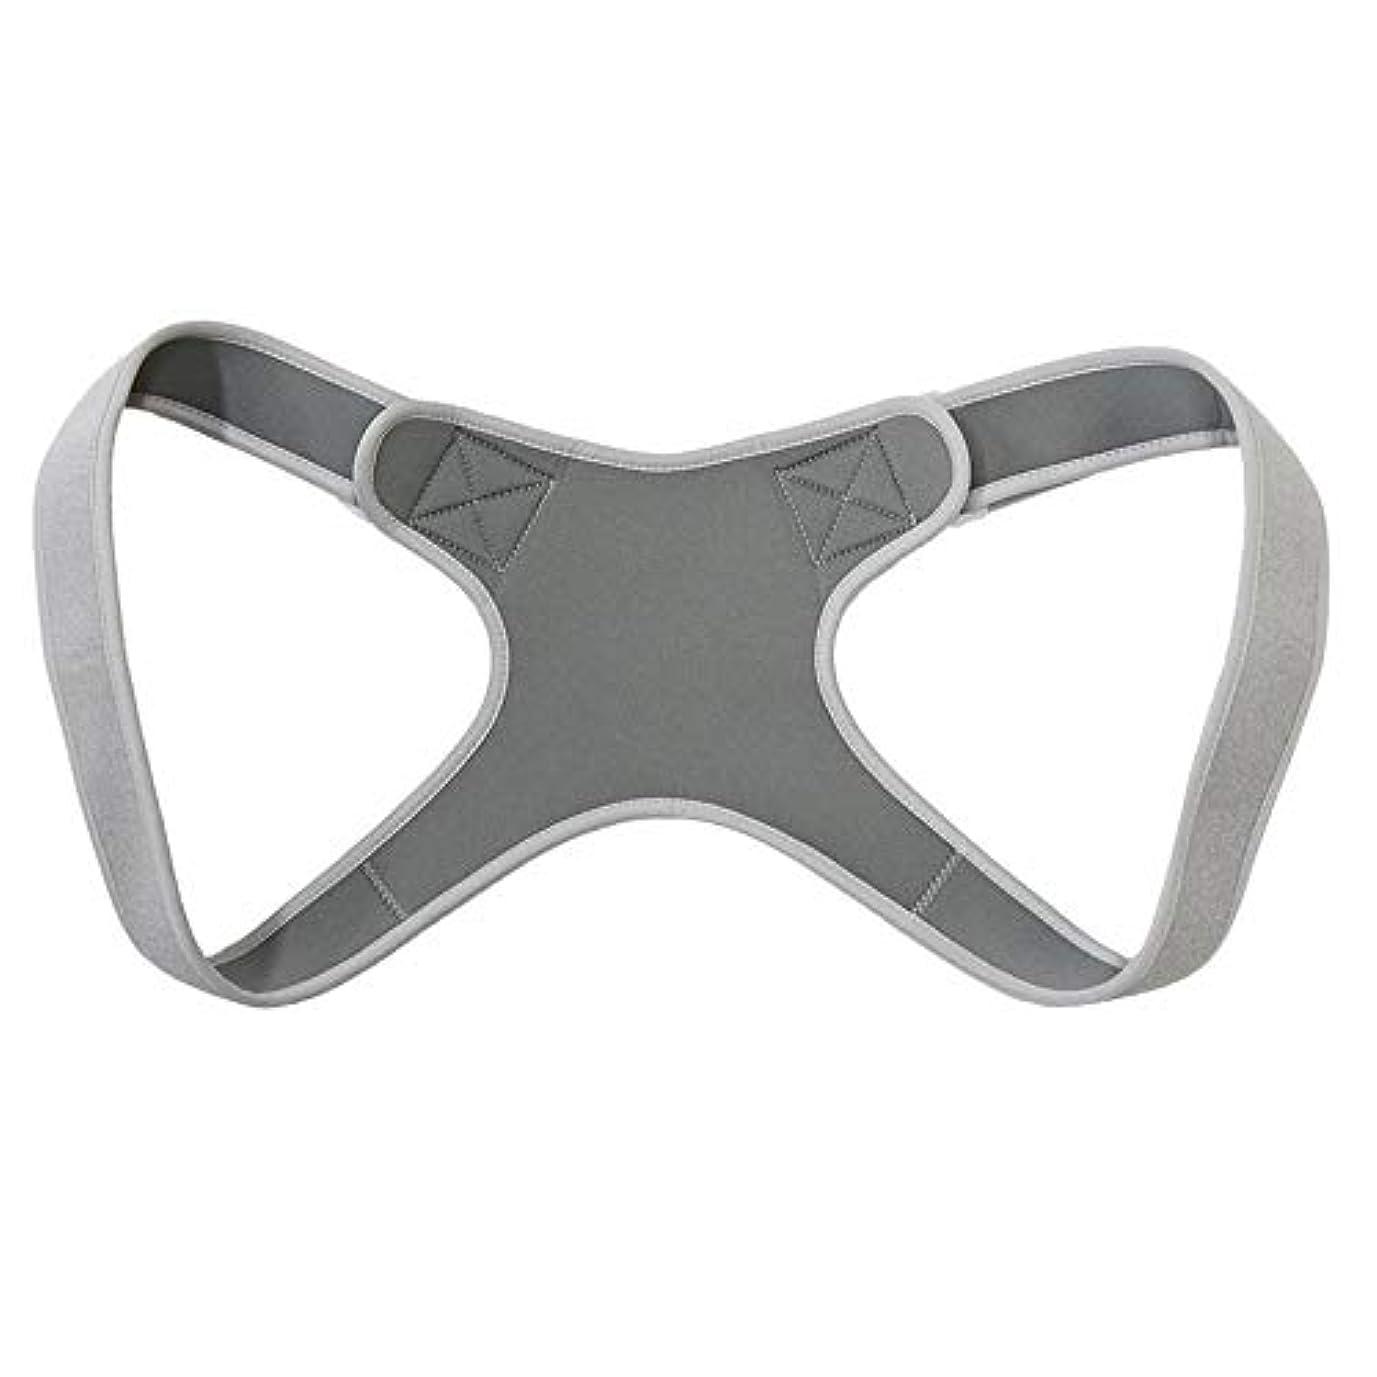 オークランドピニオンソーダ水新しいアッパーバックポスチャーコレクター姿勢鎖骨サポートコレクターバックストレートショルダーブレースストラップコレクター - グレー